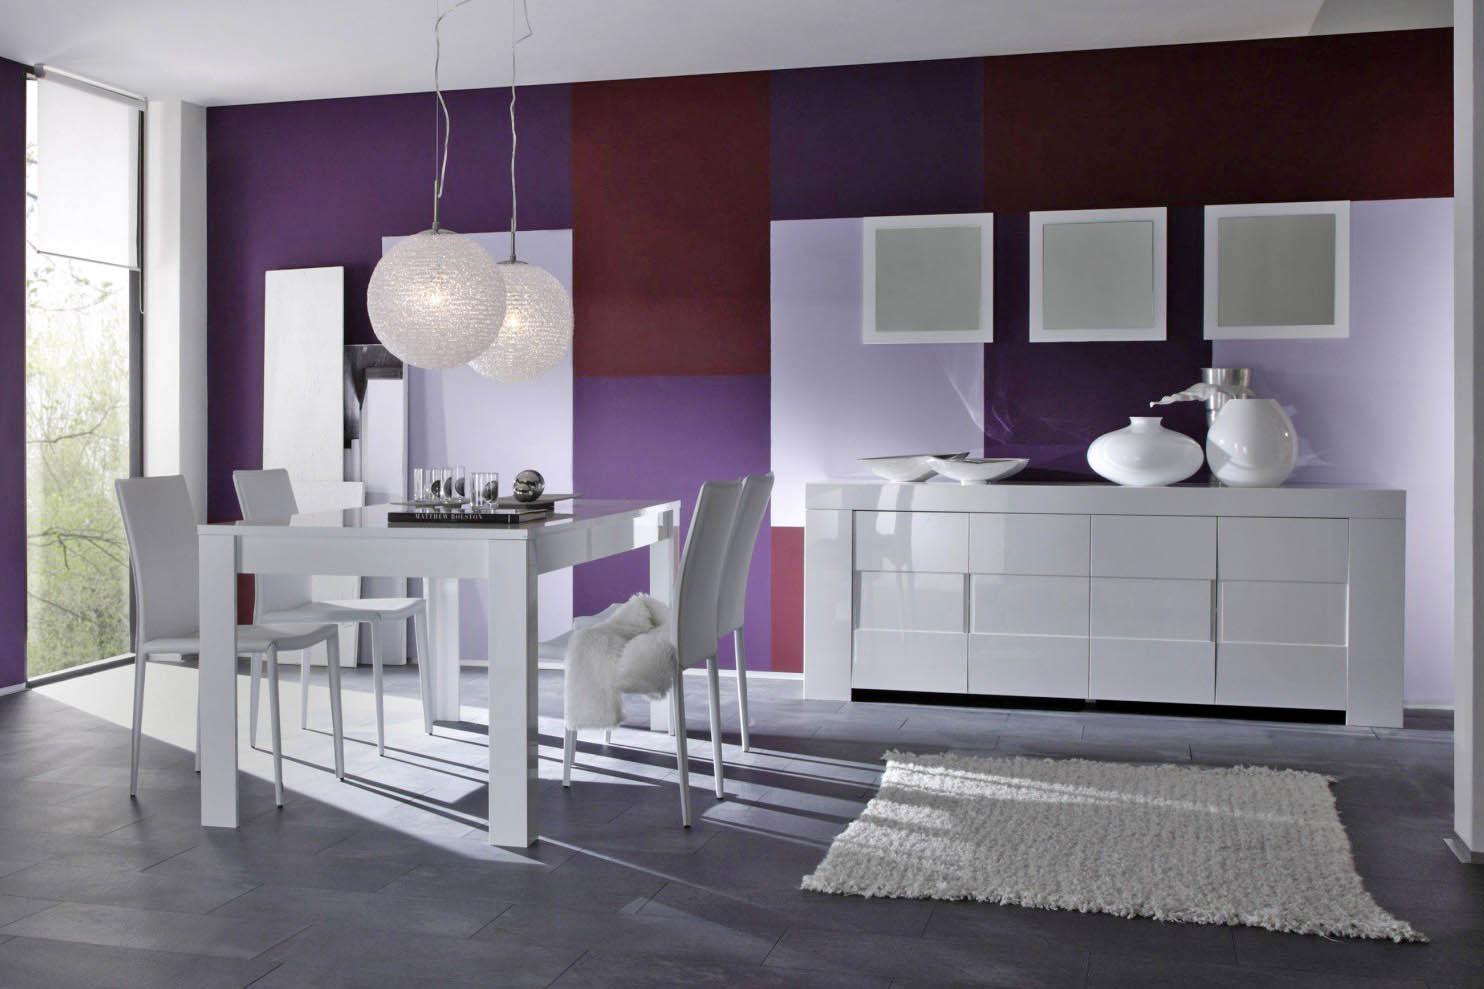 Salle manger meubl et design blanc meuble et for Salle a manger meuble blanc